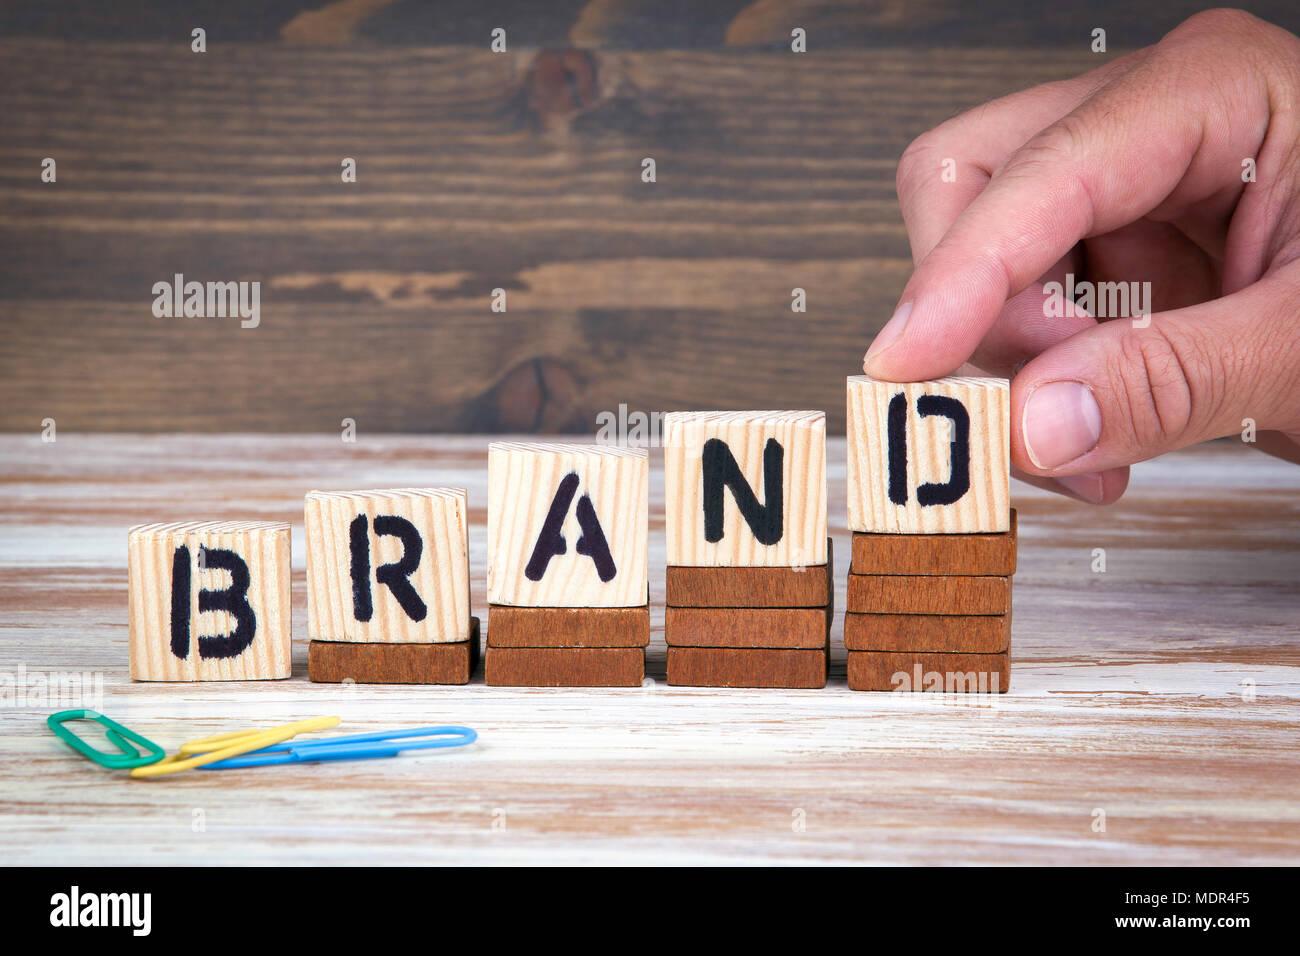 Concept de marque. Lettres en bois sur le bureau d'information et de la communication, bureau arrière-plan Photo Stock